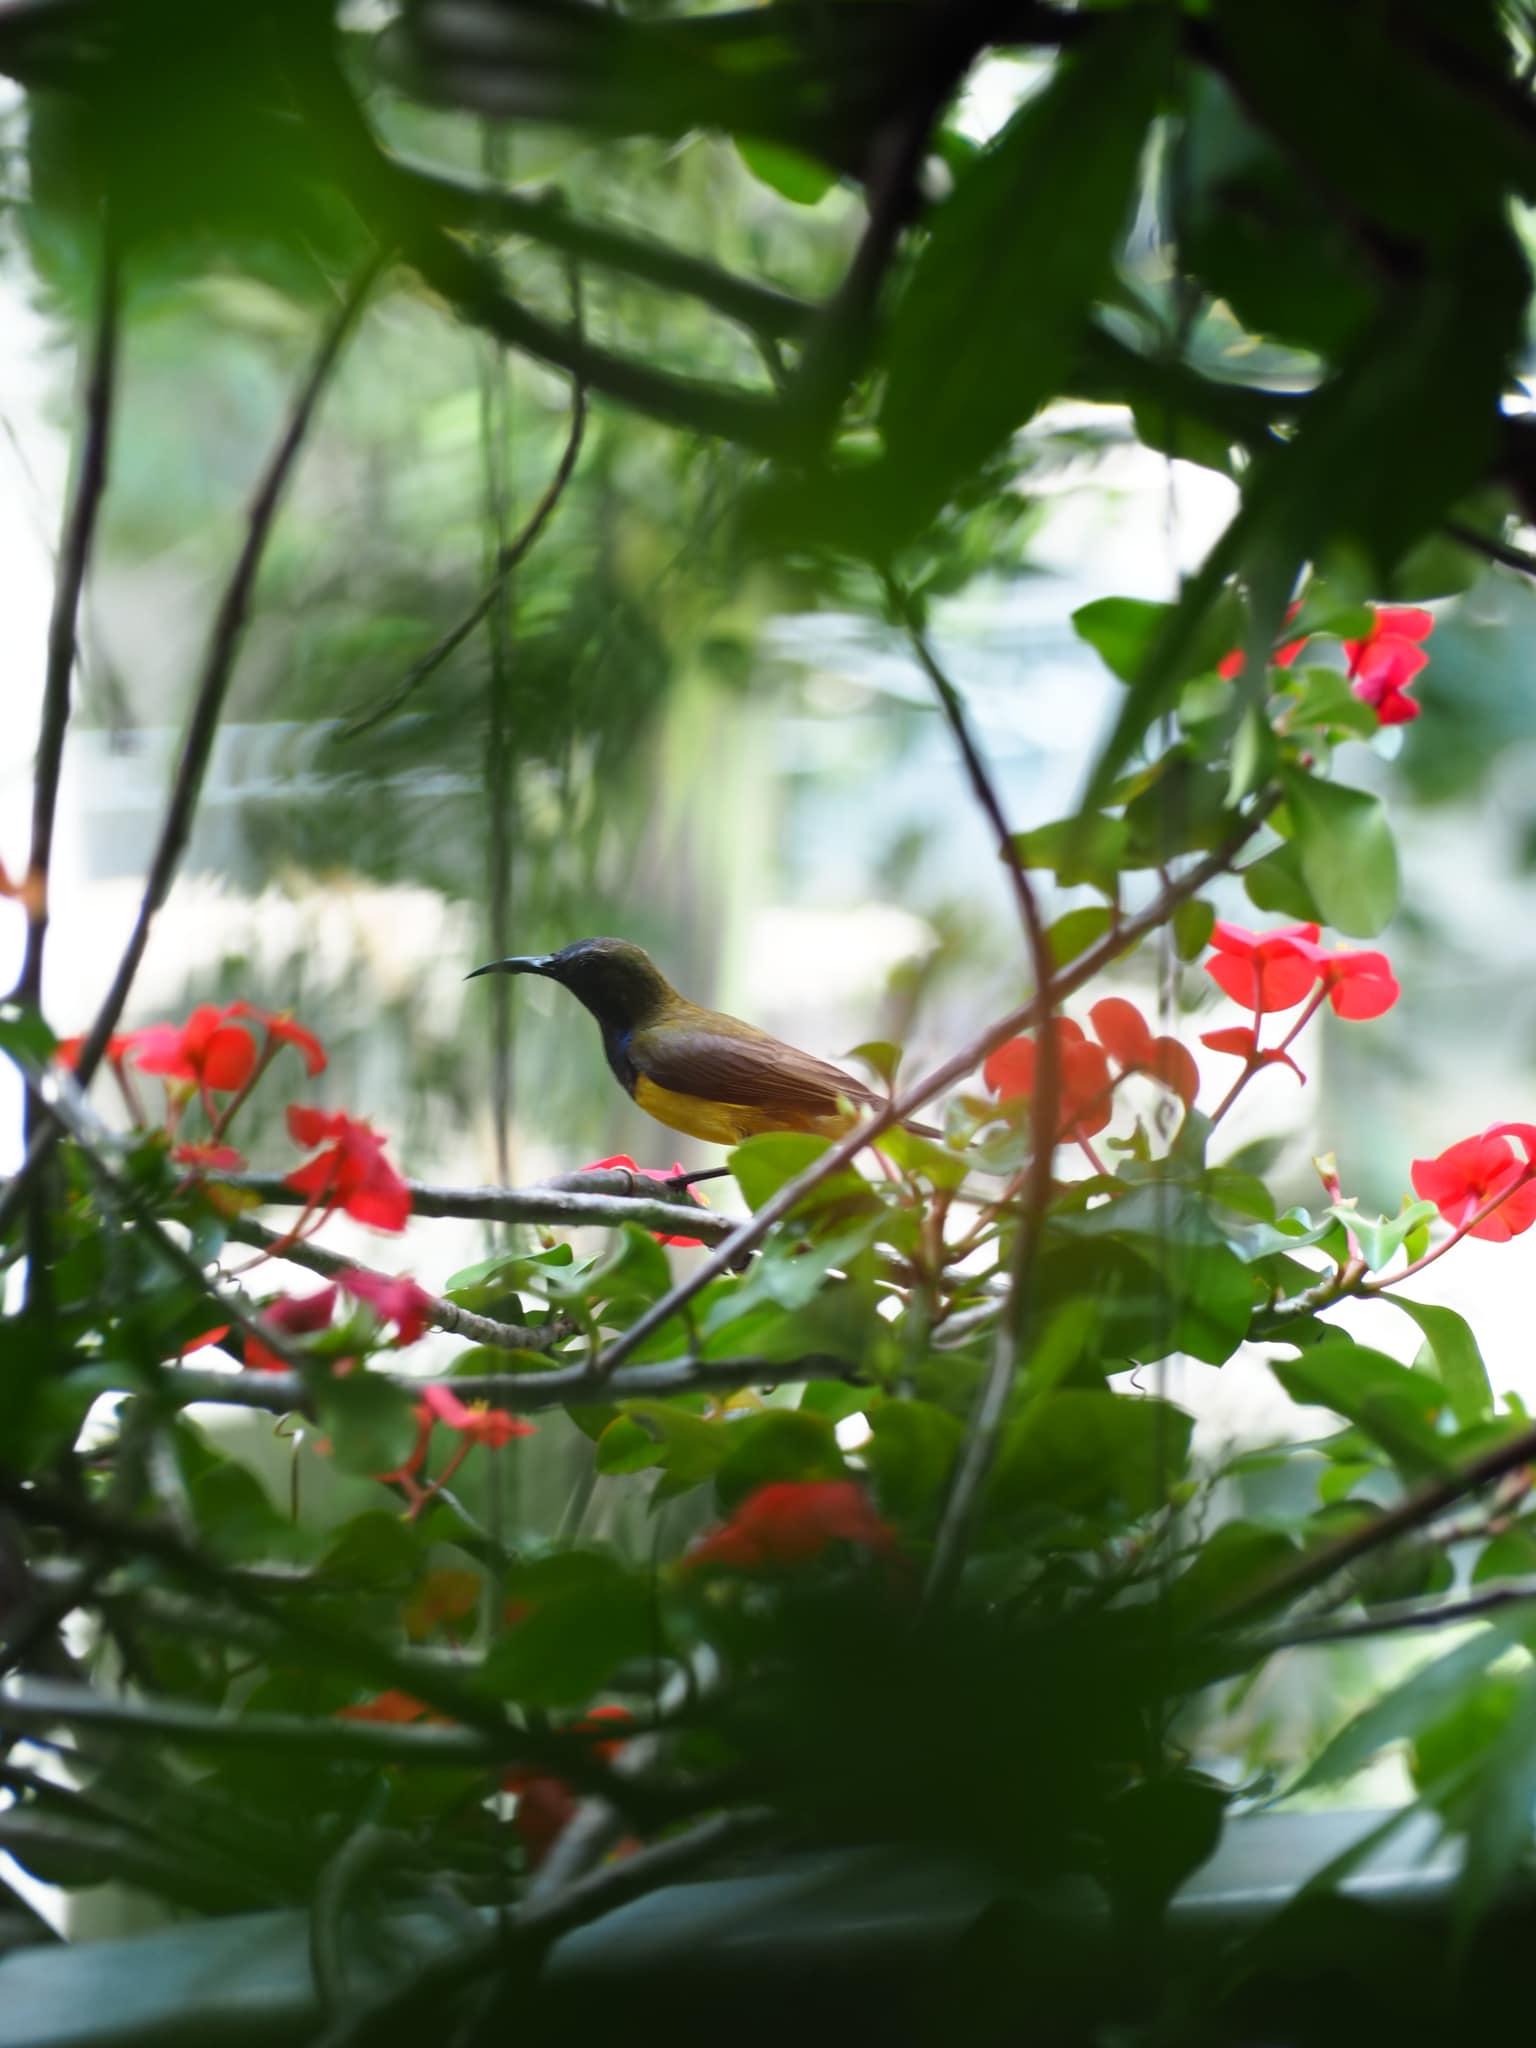 A bird at the garden balcony